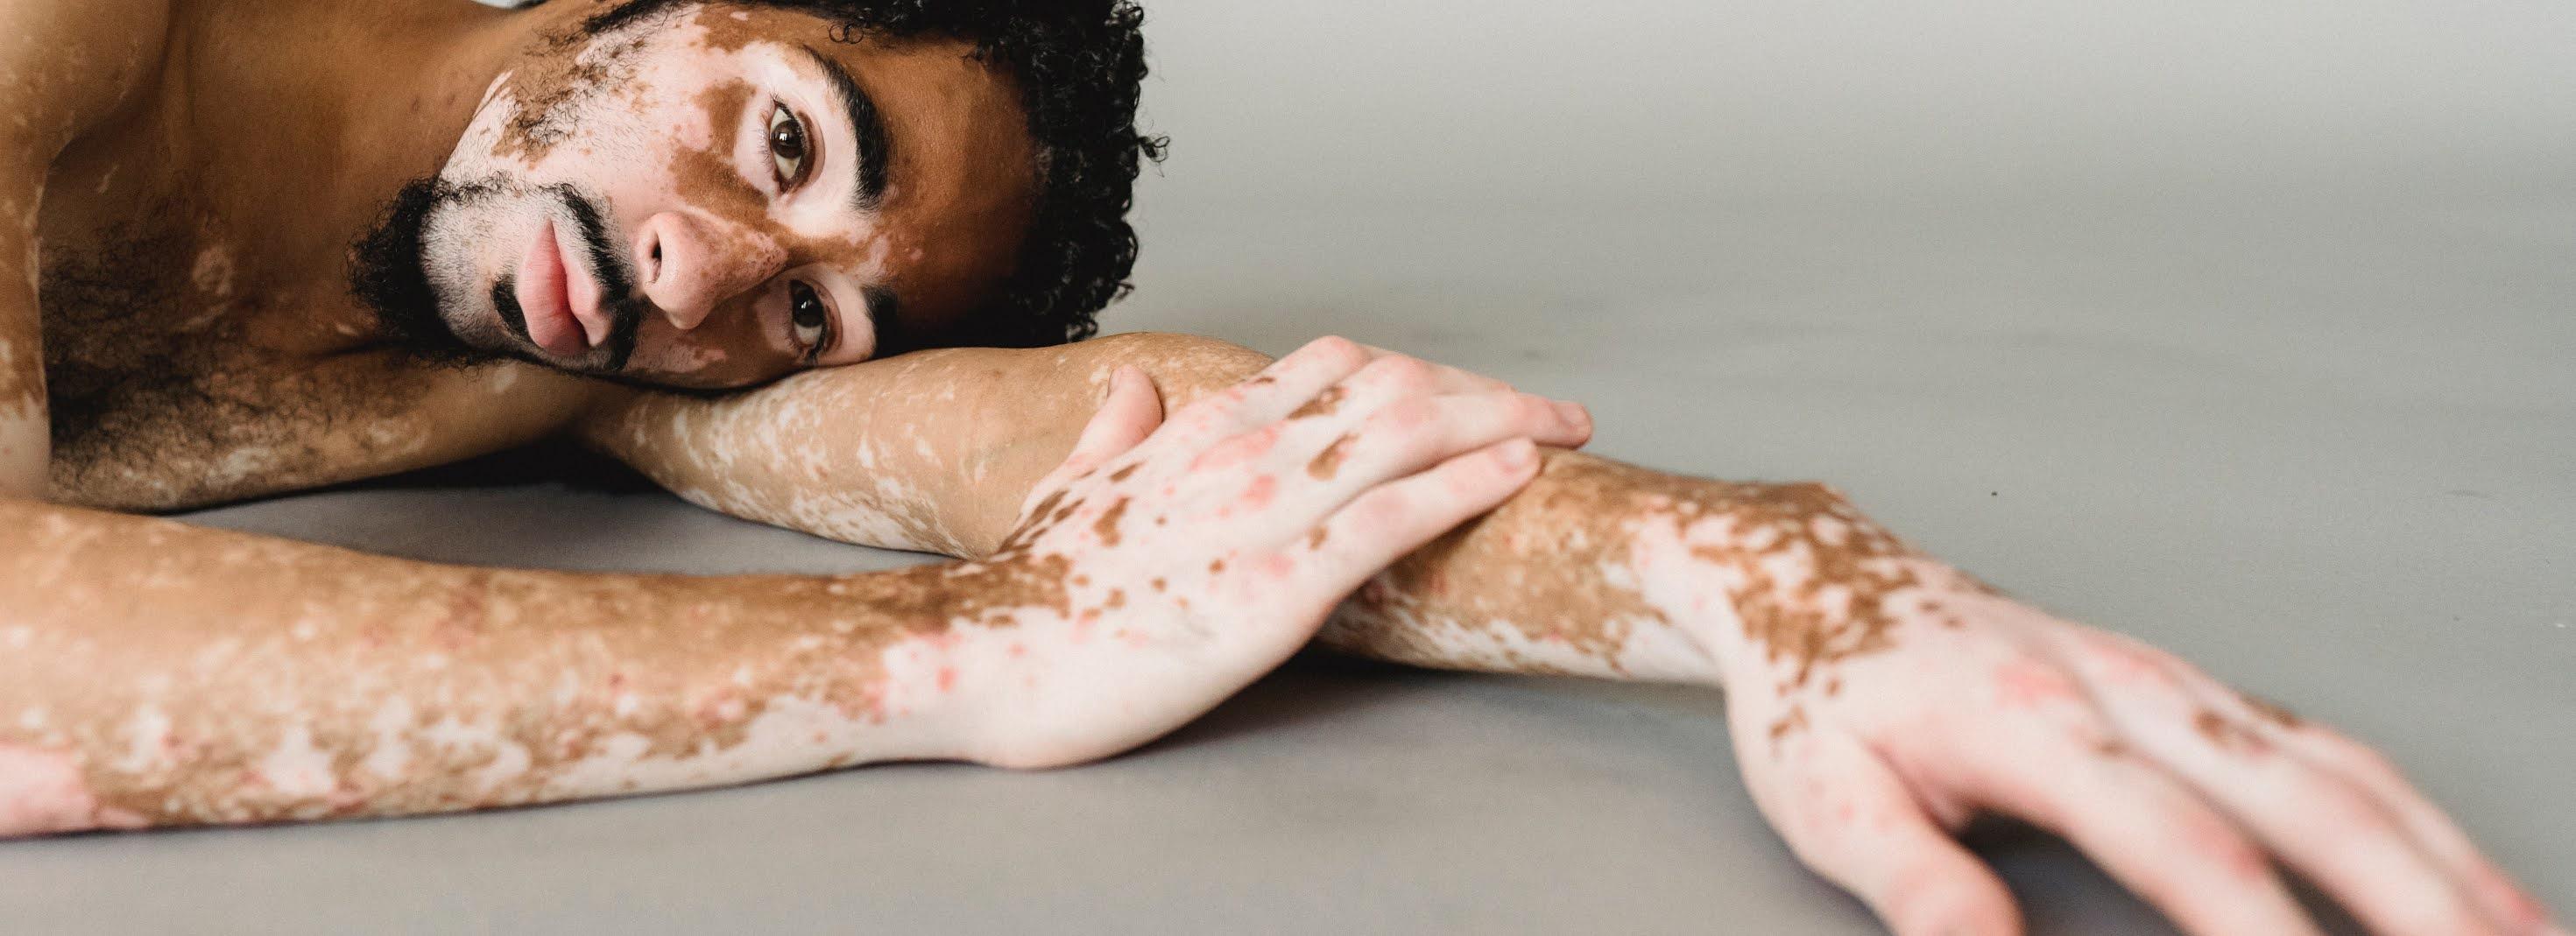 Produtos para uma Pele Perfeita - Skincare com liberados das marcas BetoBita, Avon Renew, TwoOne OneTwo, The Body Shop e Orgânica